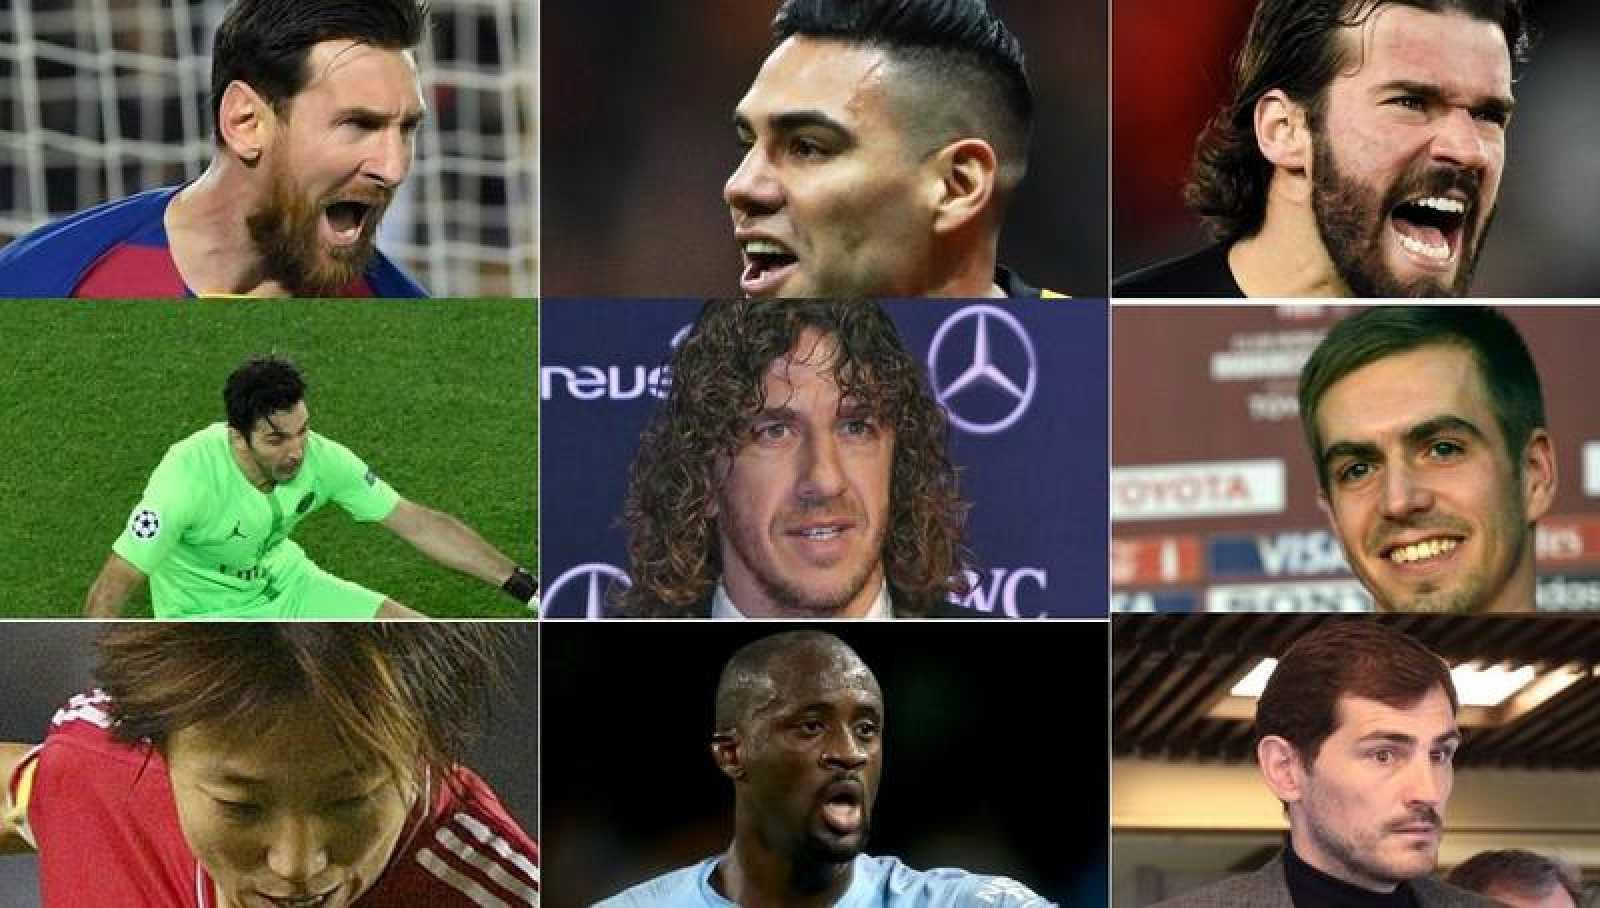 Montaje de imágenes de los futbolistas que participan en una campaña de concienciación contra el coronavirus.